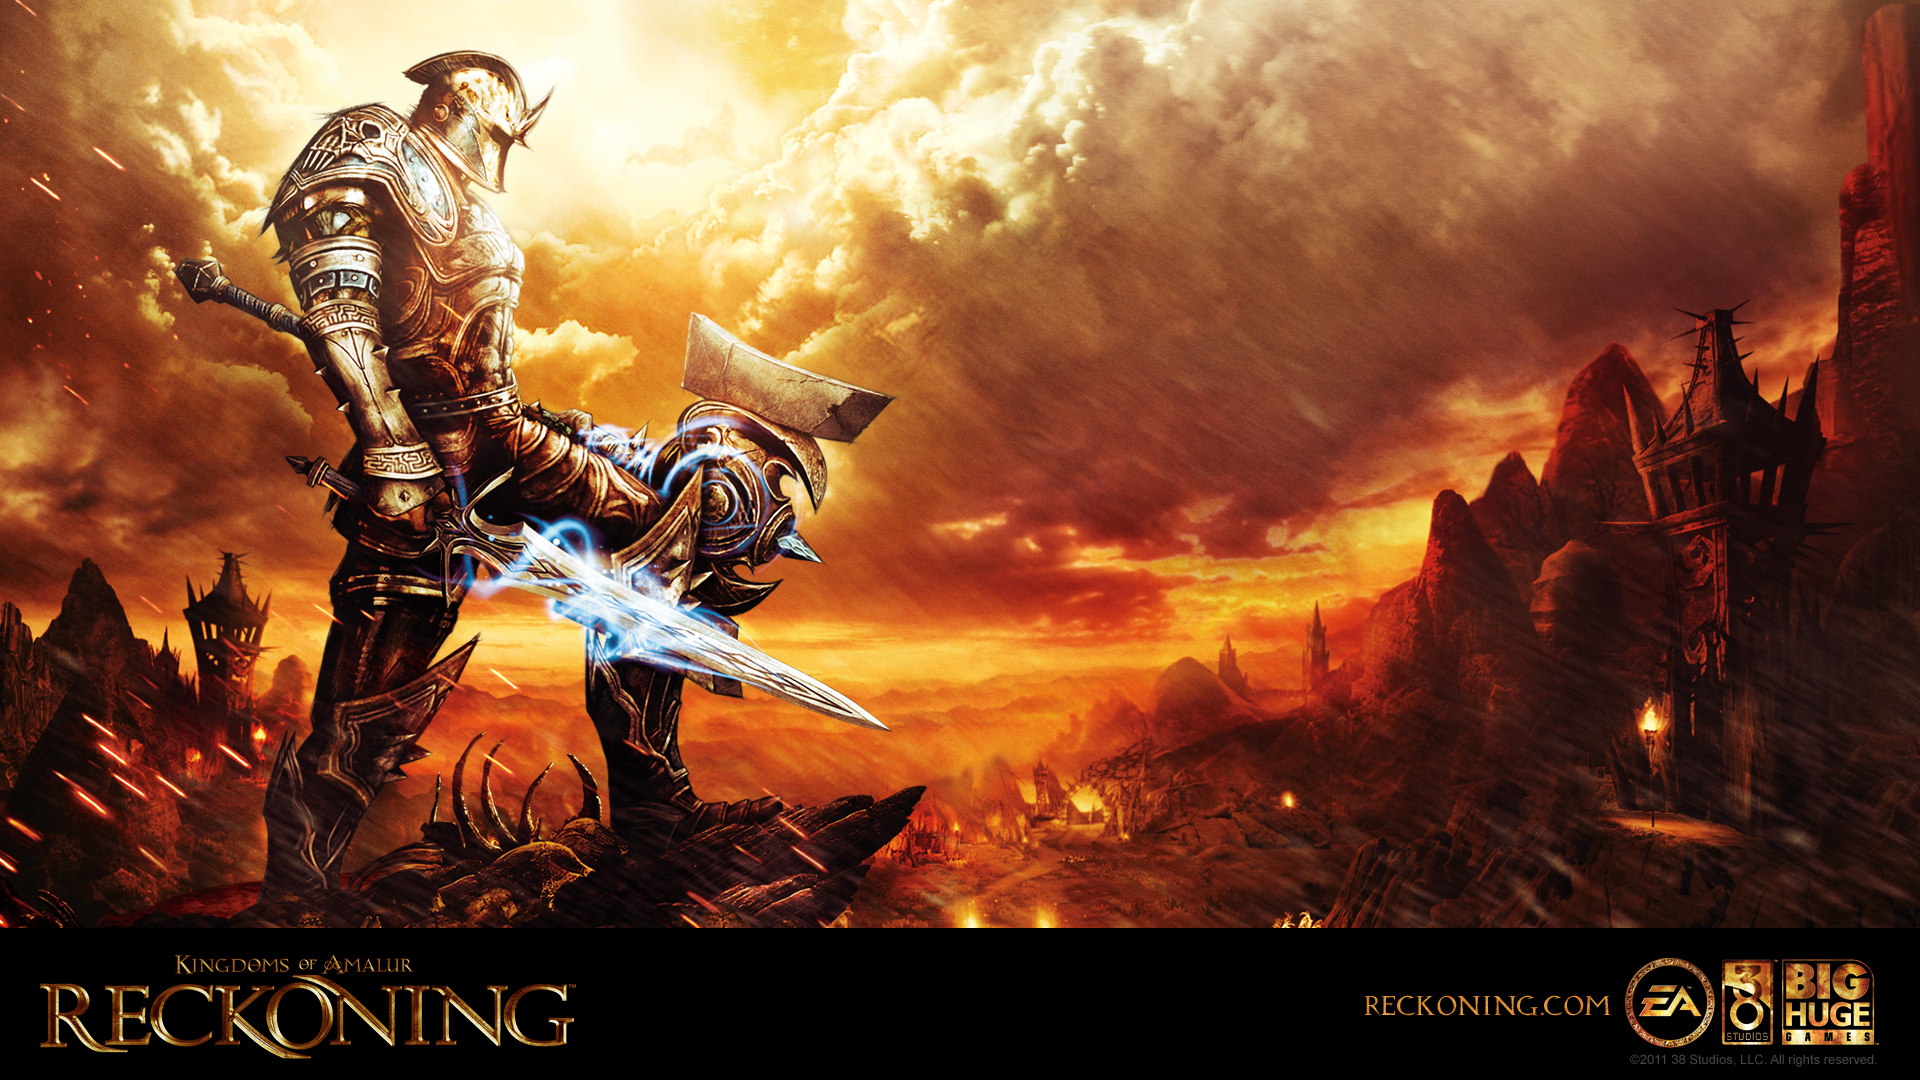 Kingdoms of amalur reckoning скачать с торрента - 627e